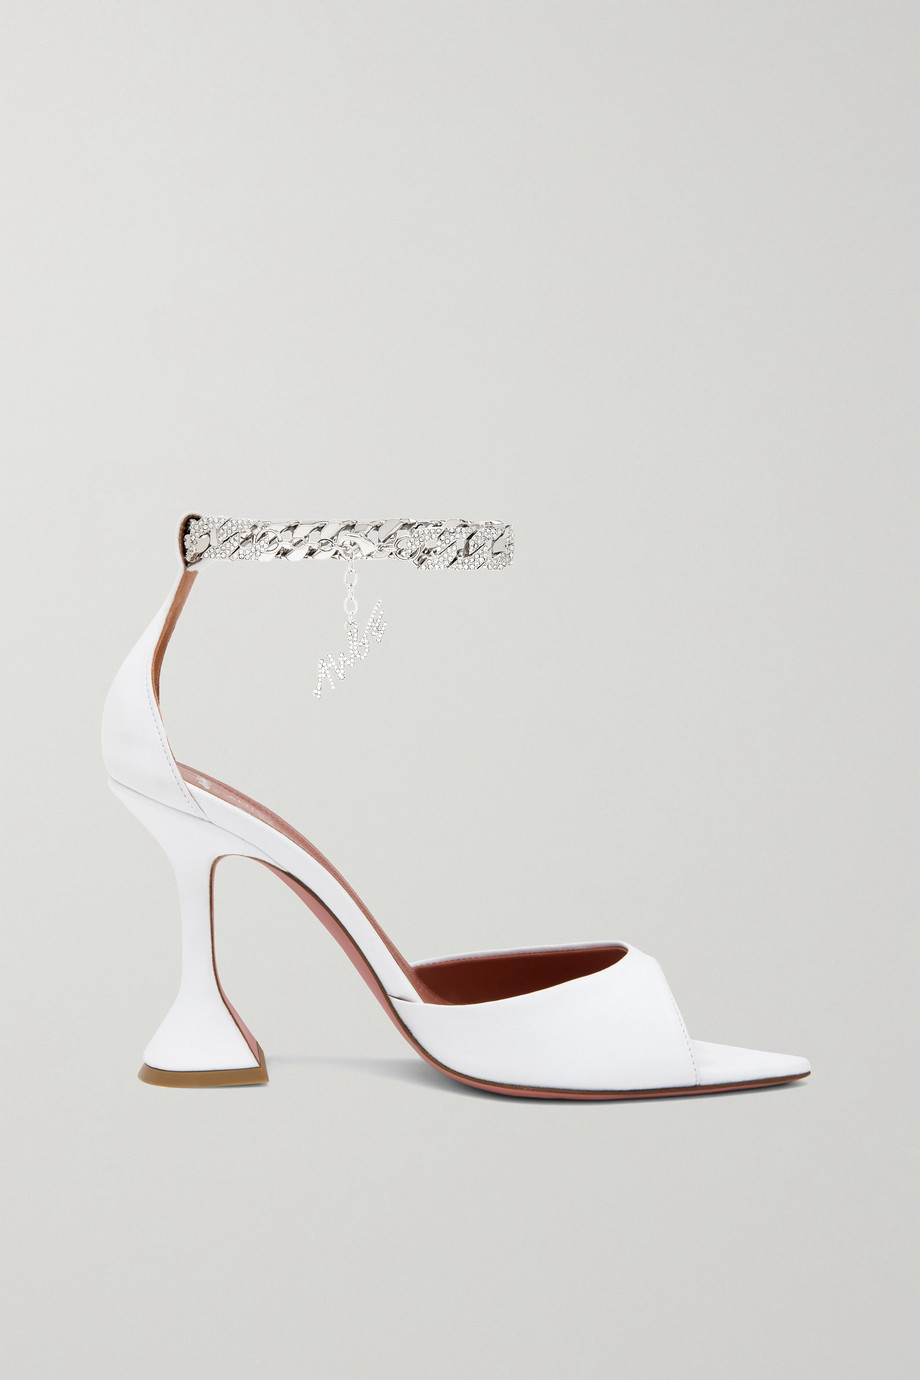 Amina Muaddi + AWGE Flacko chain-embellished leather sandals